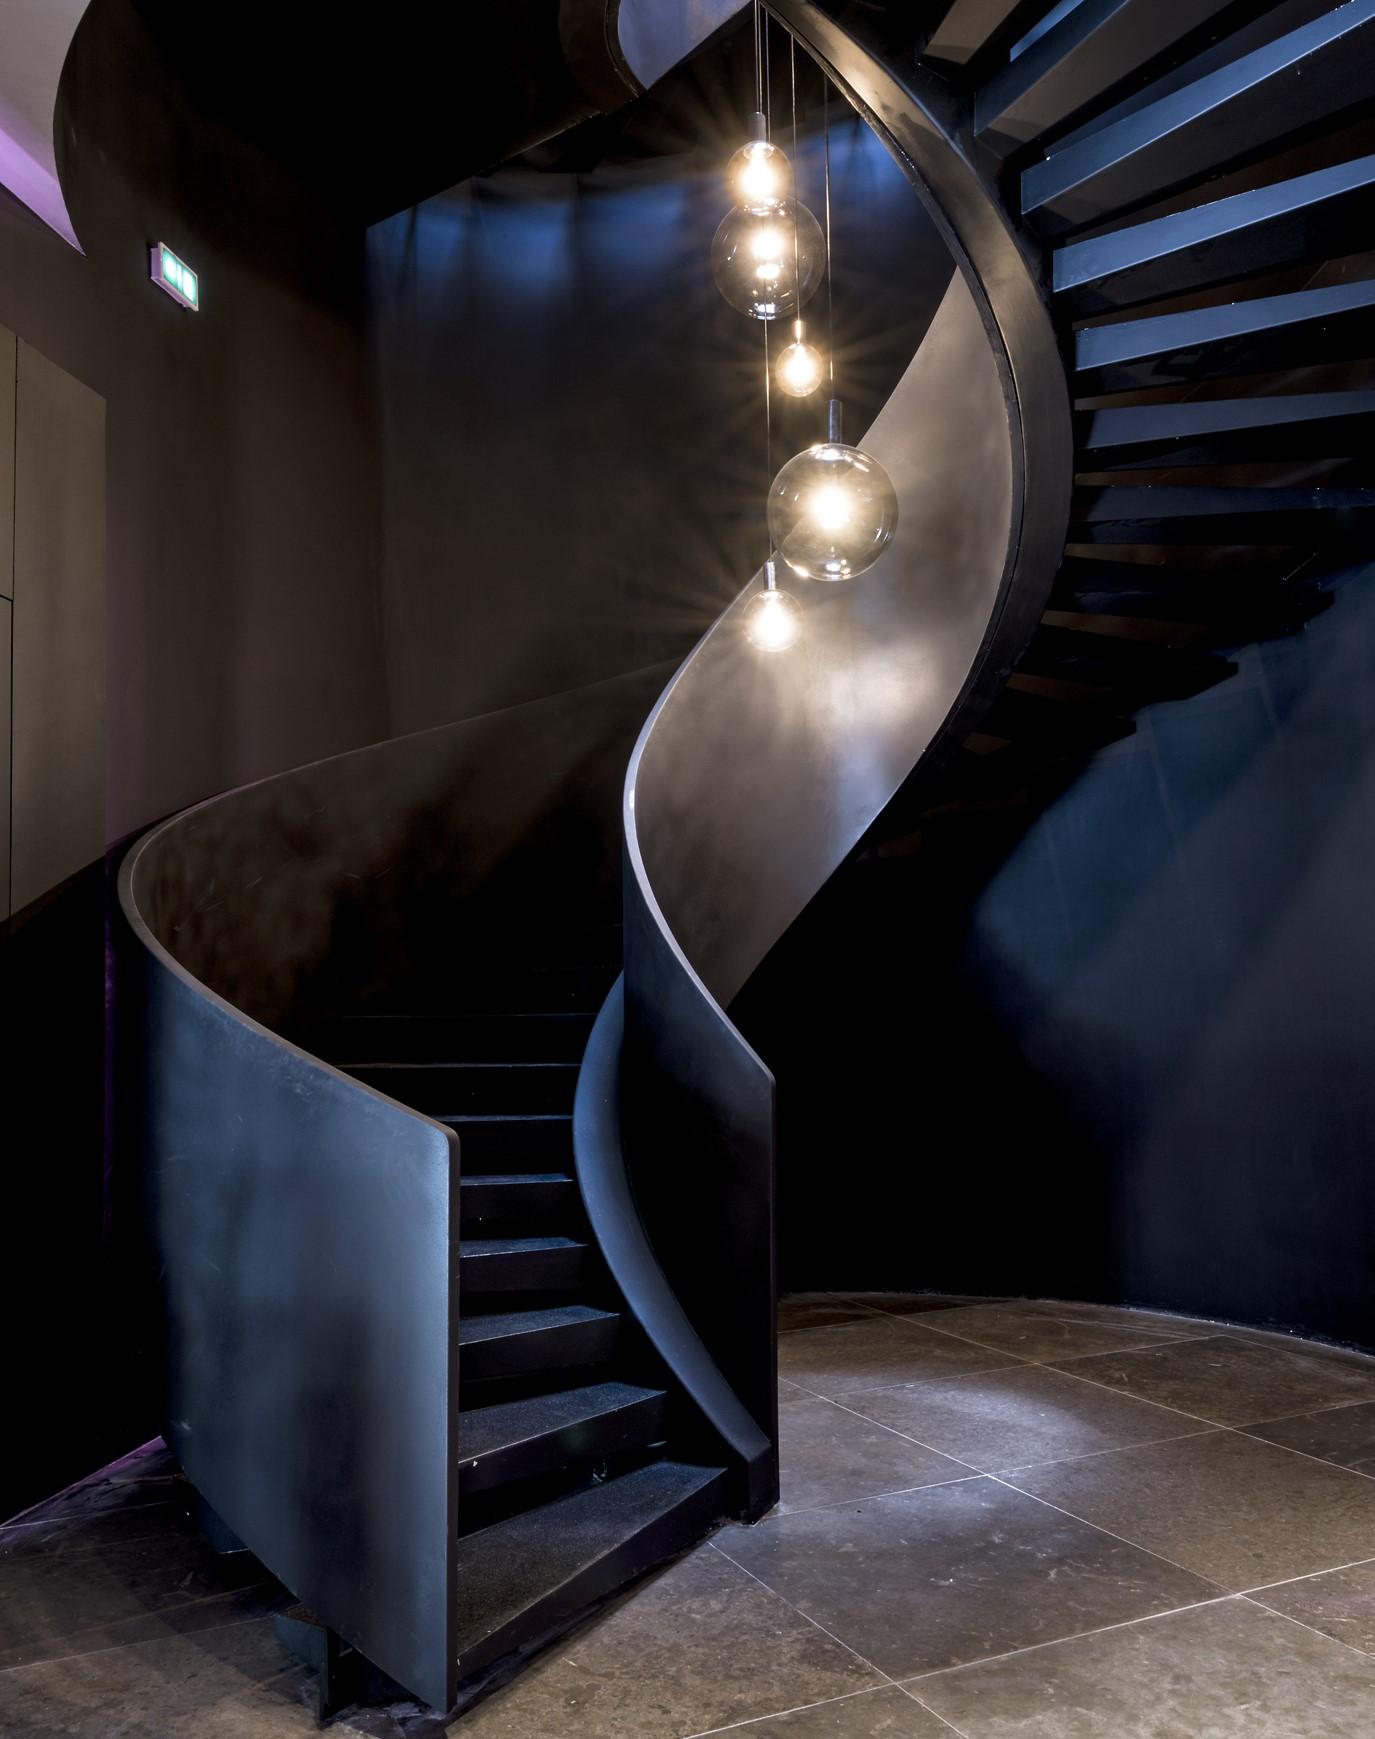 Suspension dans un des escaliers du siège social de wiko